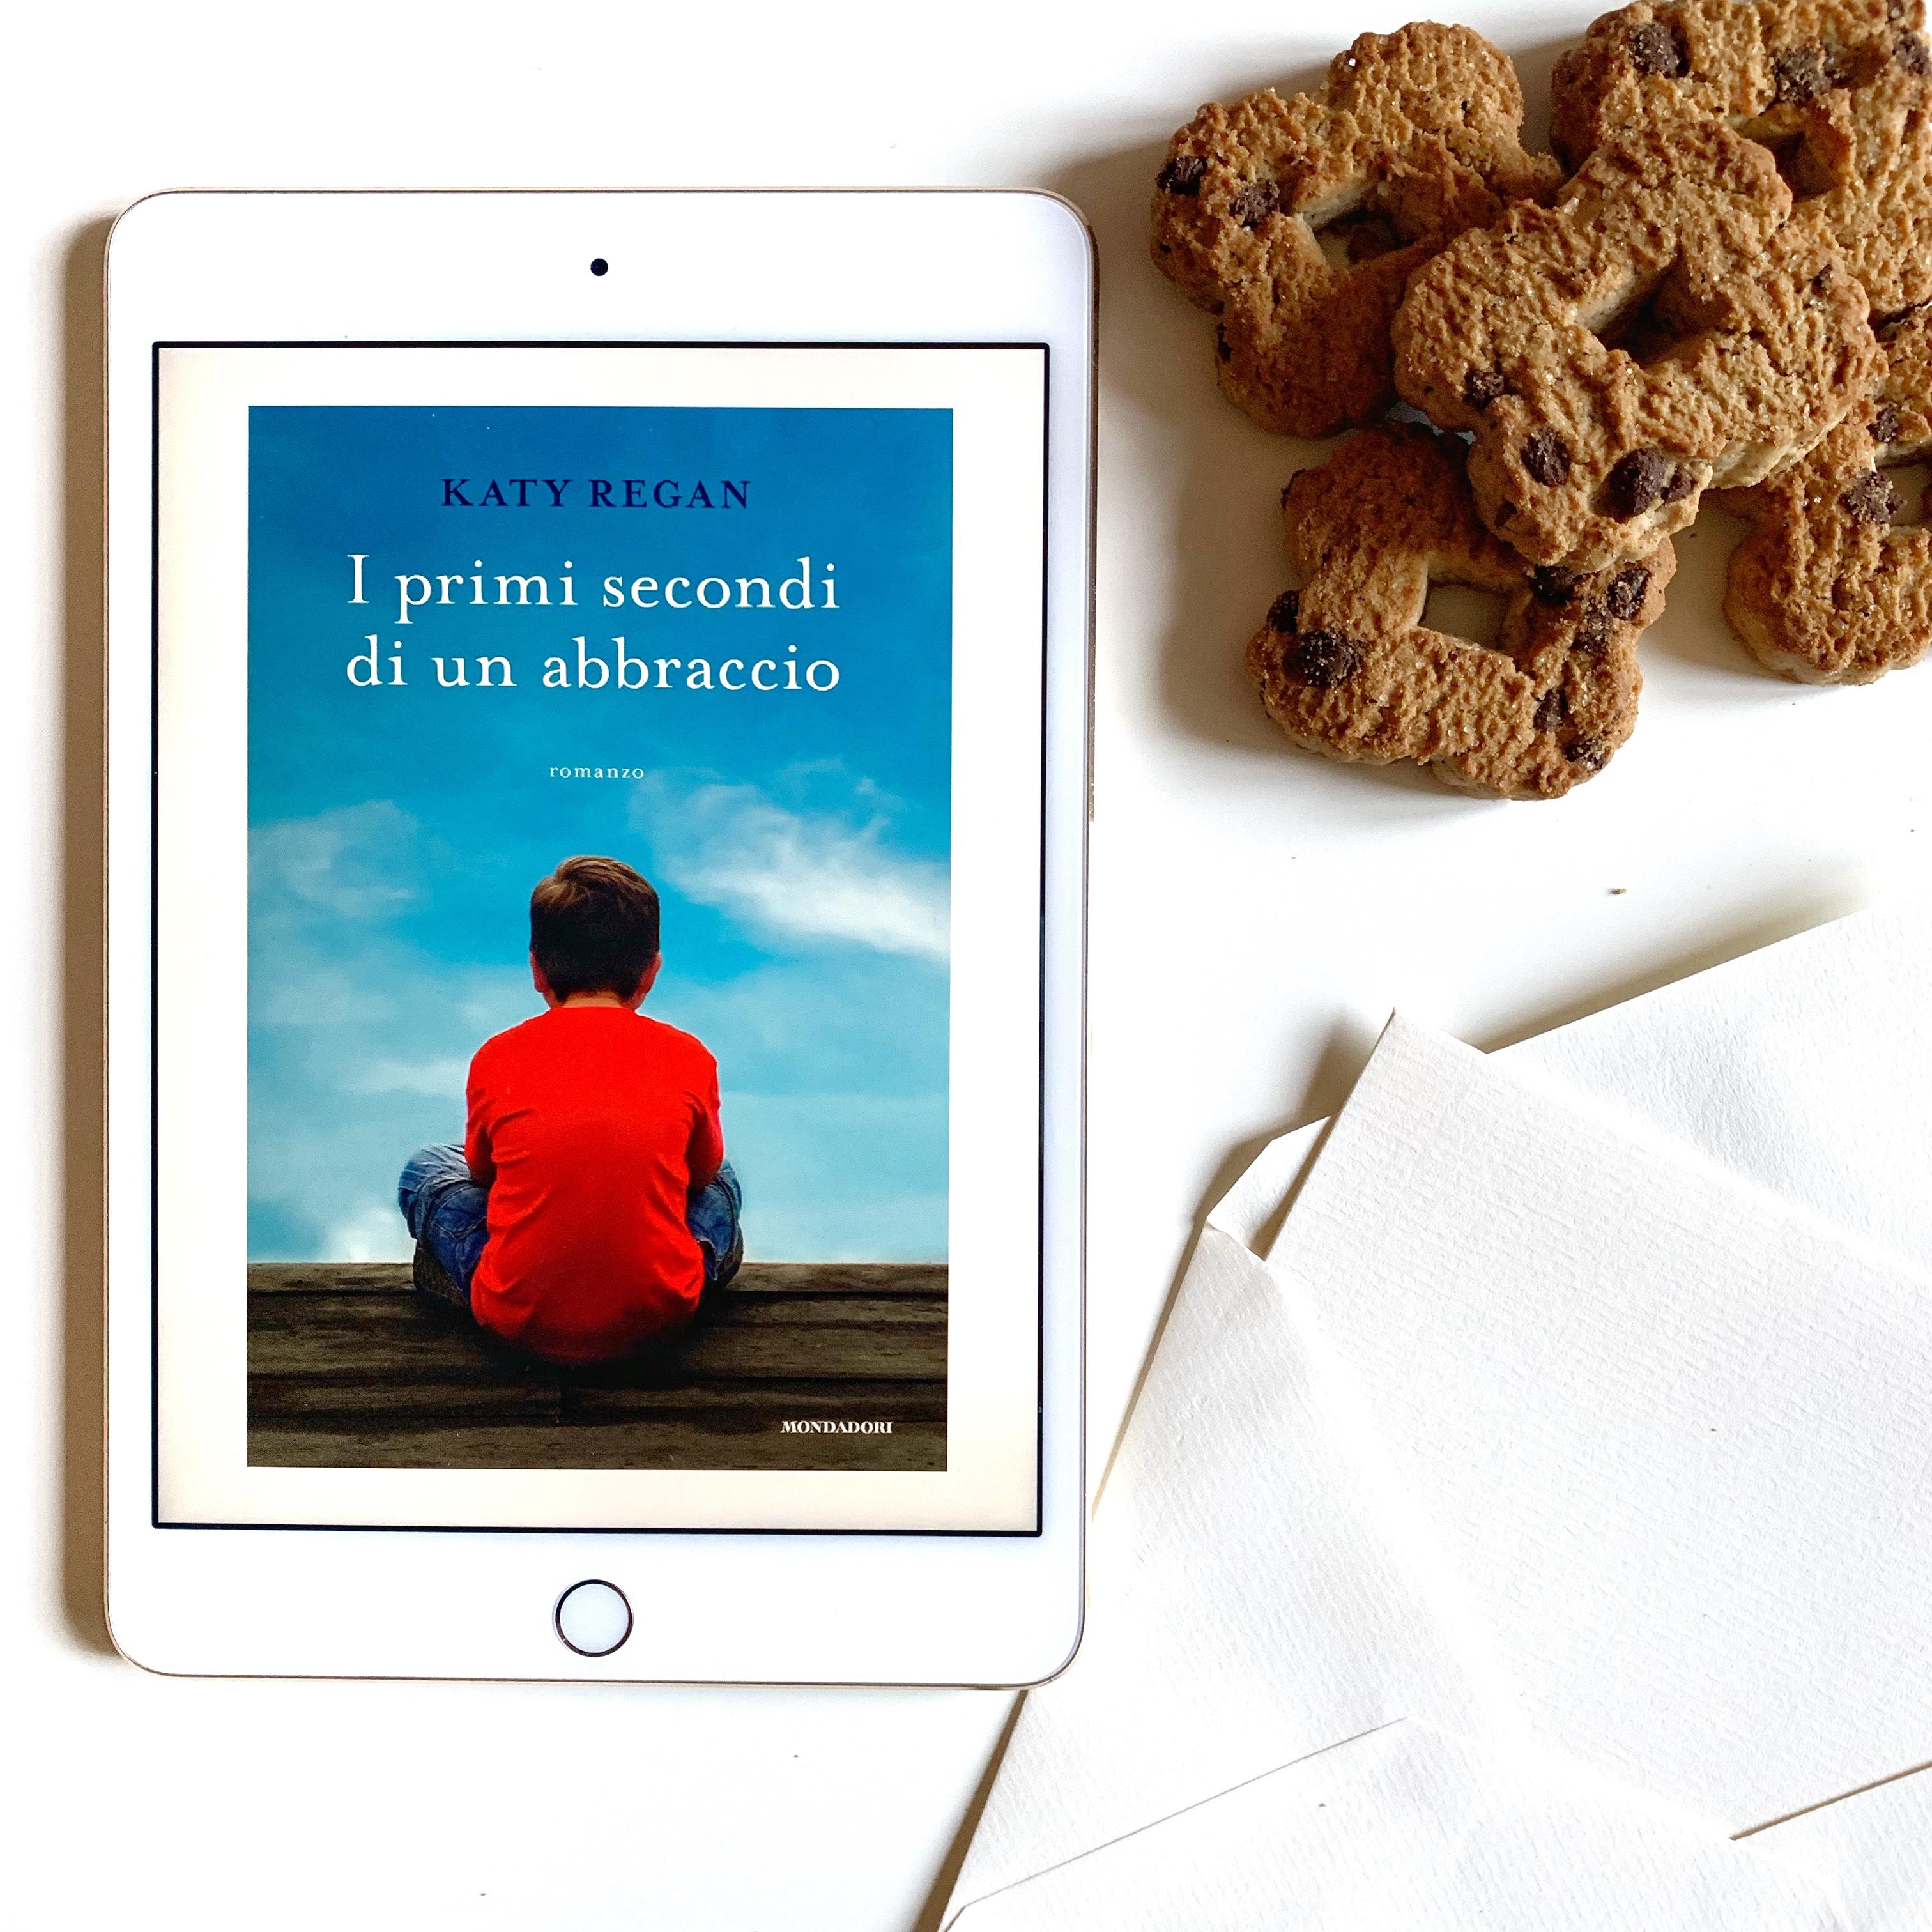 I primi secondi di un abbraccio romanzo Mondadori Katy Regan Padre figlio amore romantico dolore forza intenso